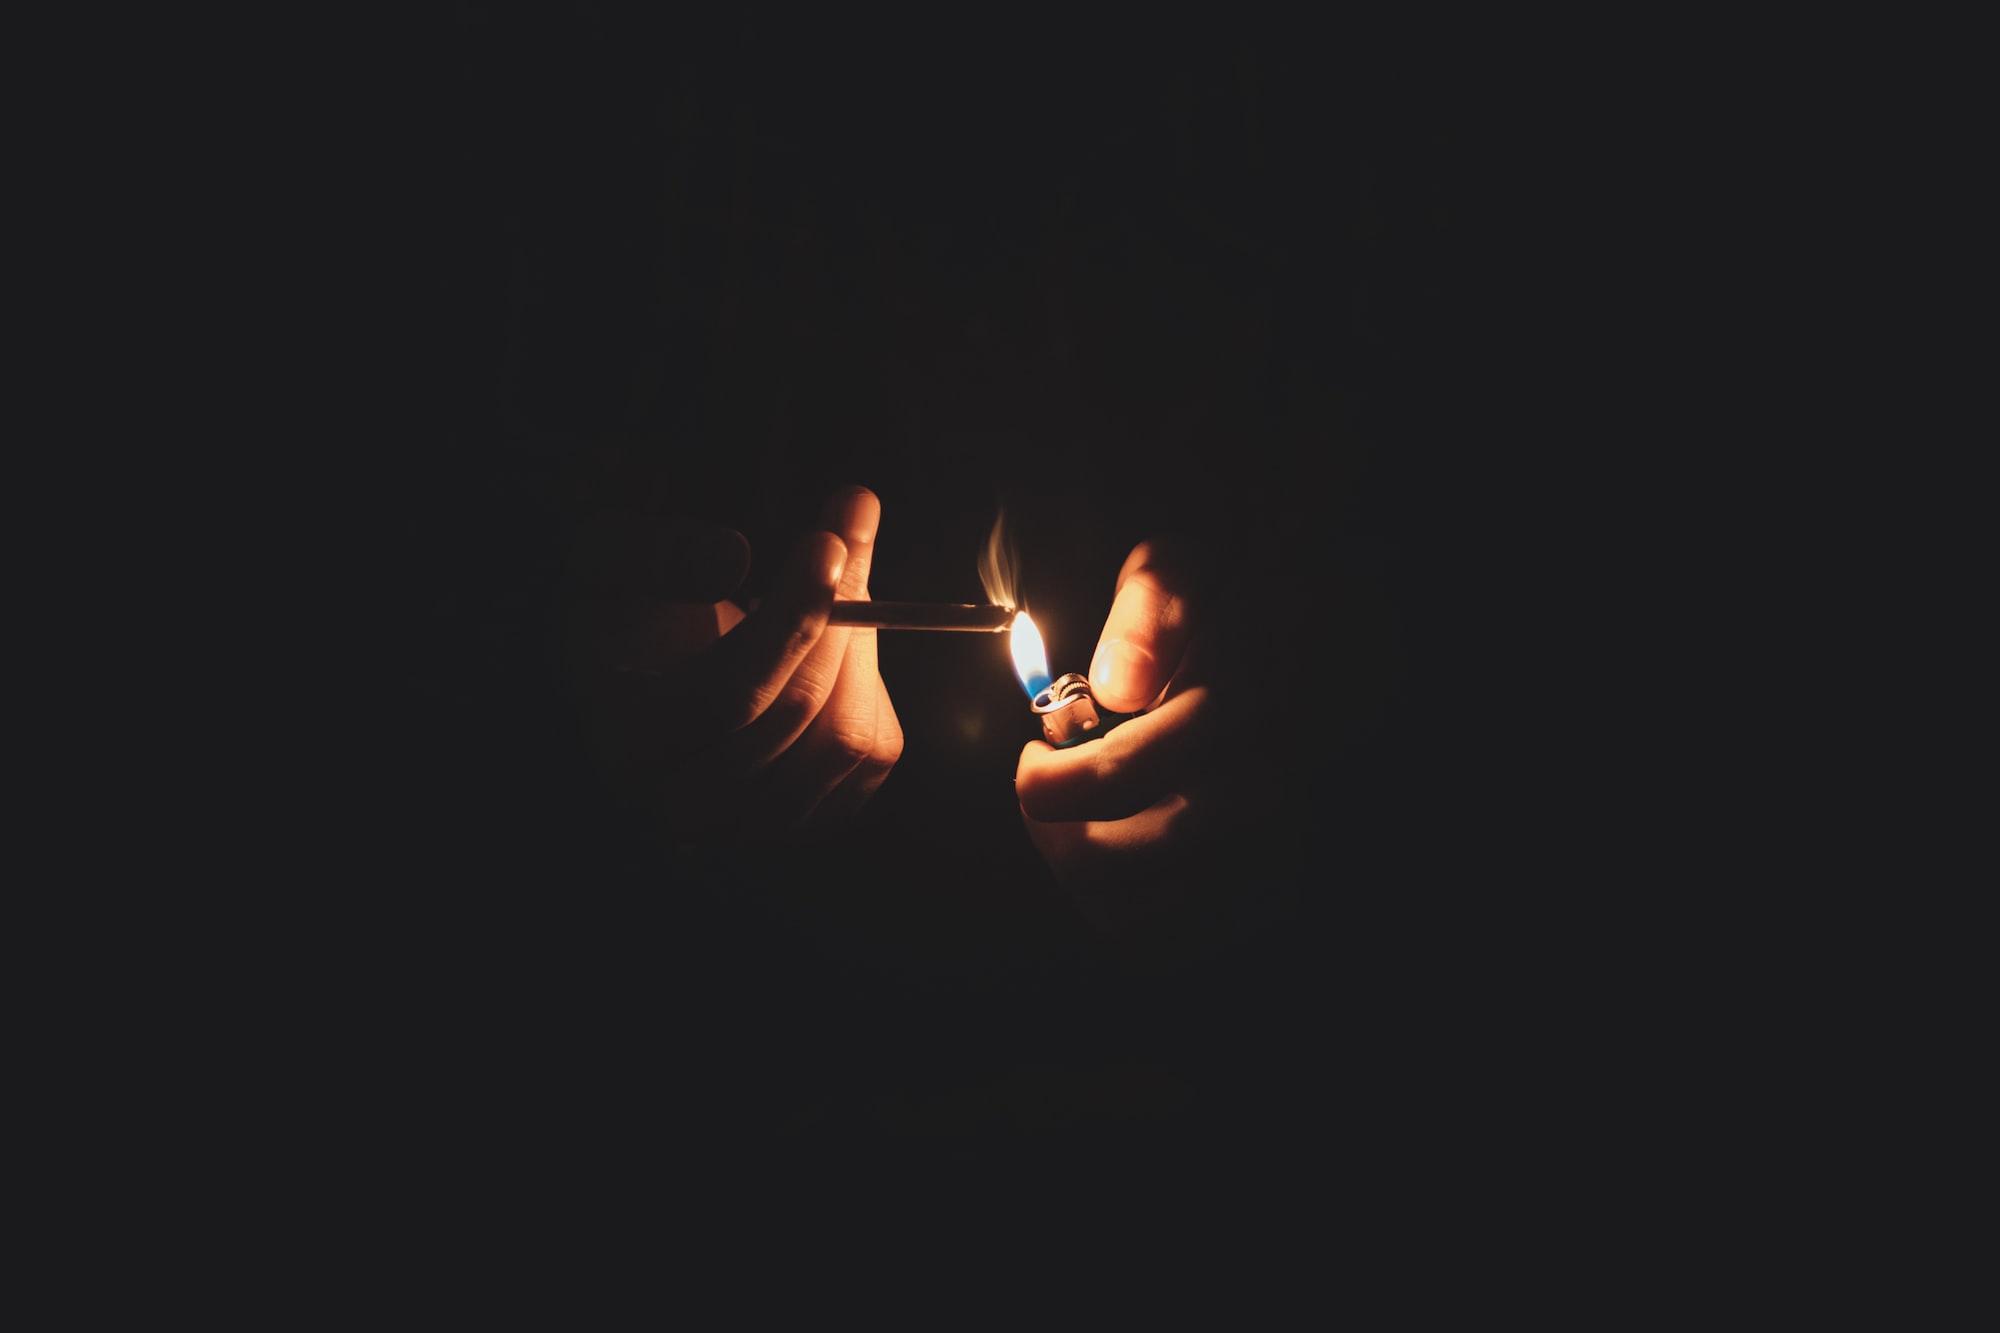 Tütün Yaprağı Dizisi Bulmaca Anlamı Nedir?